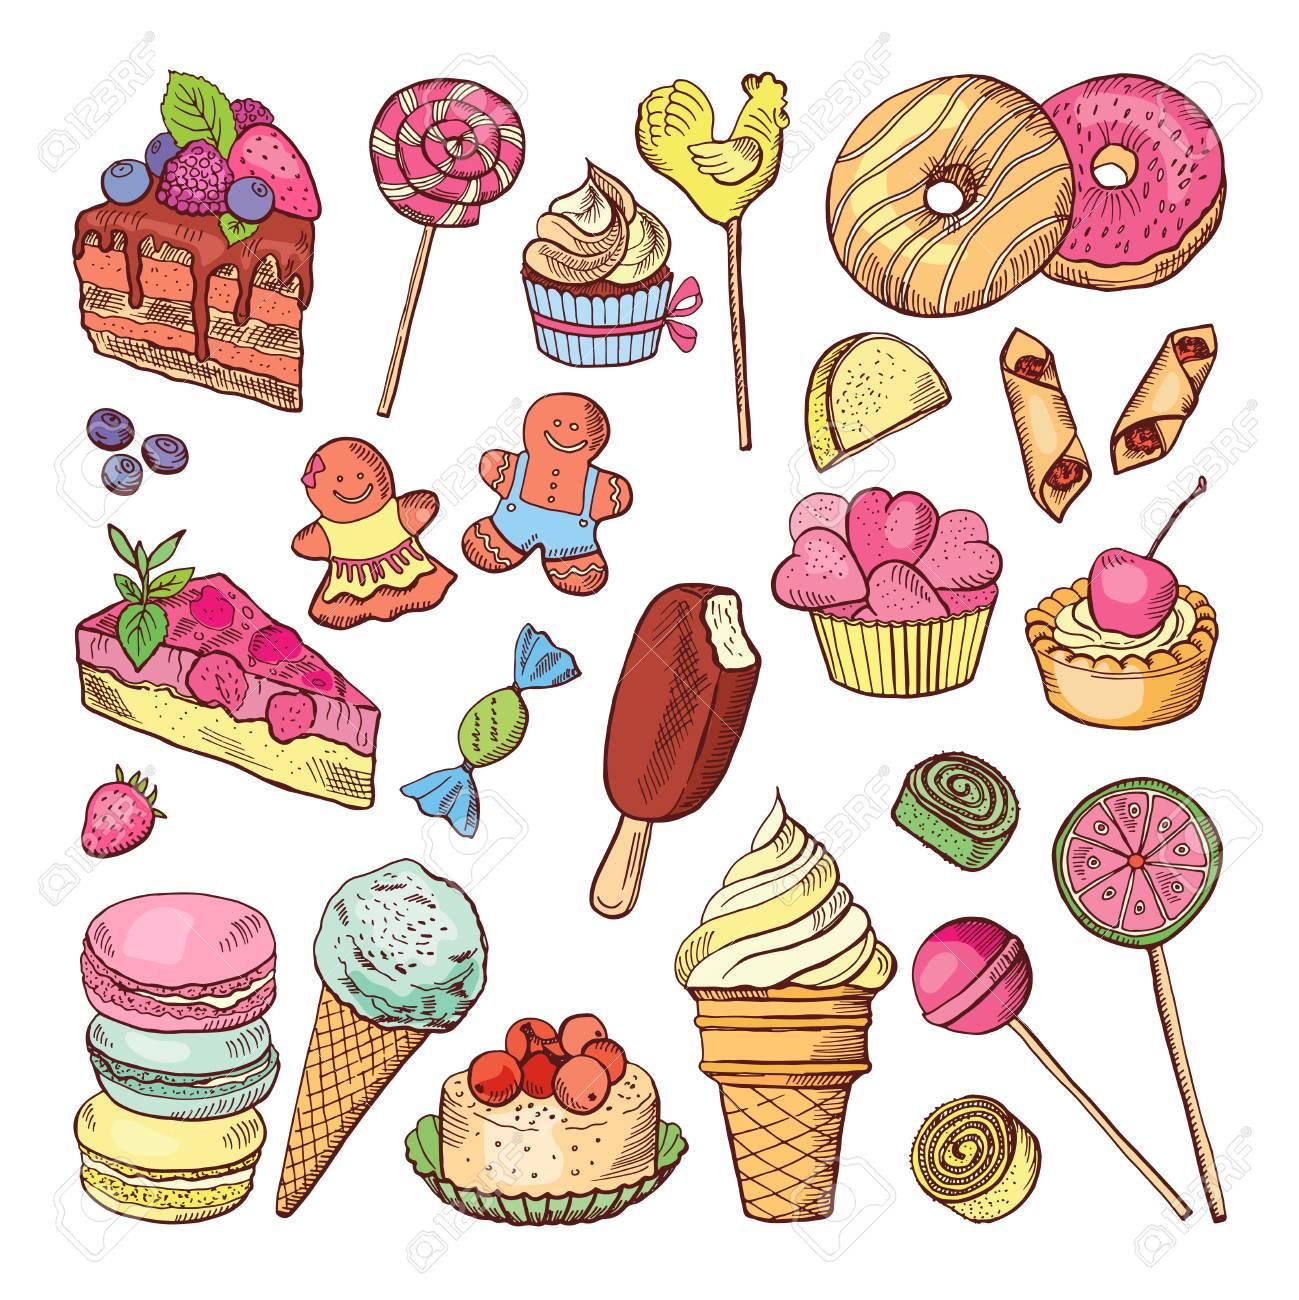 Postres De Boda Pastelitos Dulces Y Estilo Dibujado A Mano De Helado Colección De Vectores De Doodle Para Colorear